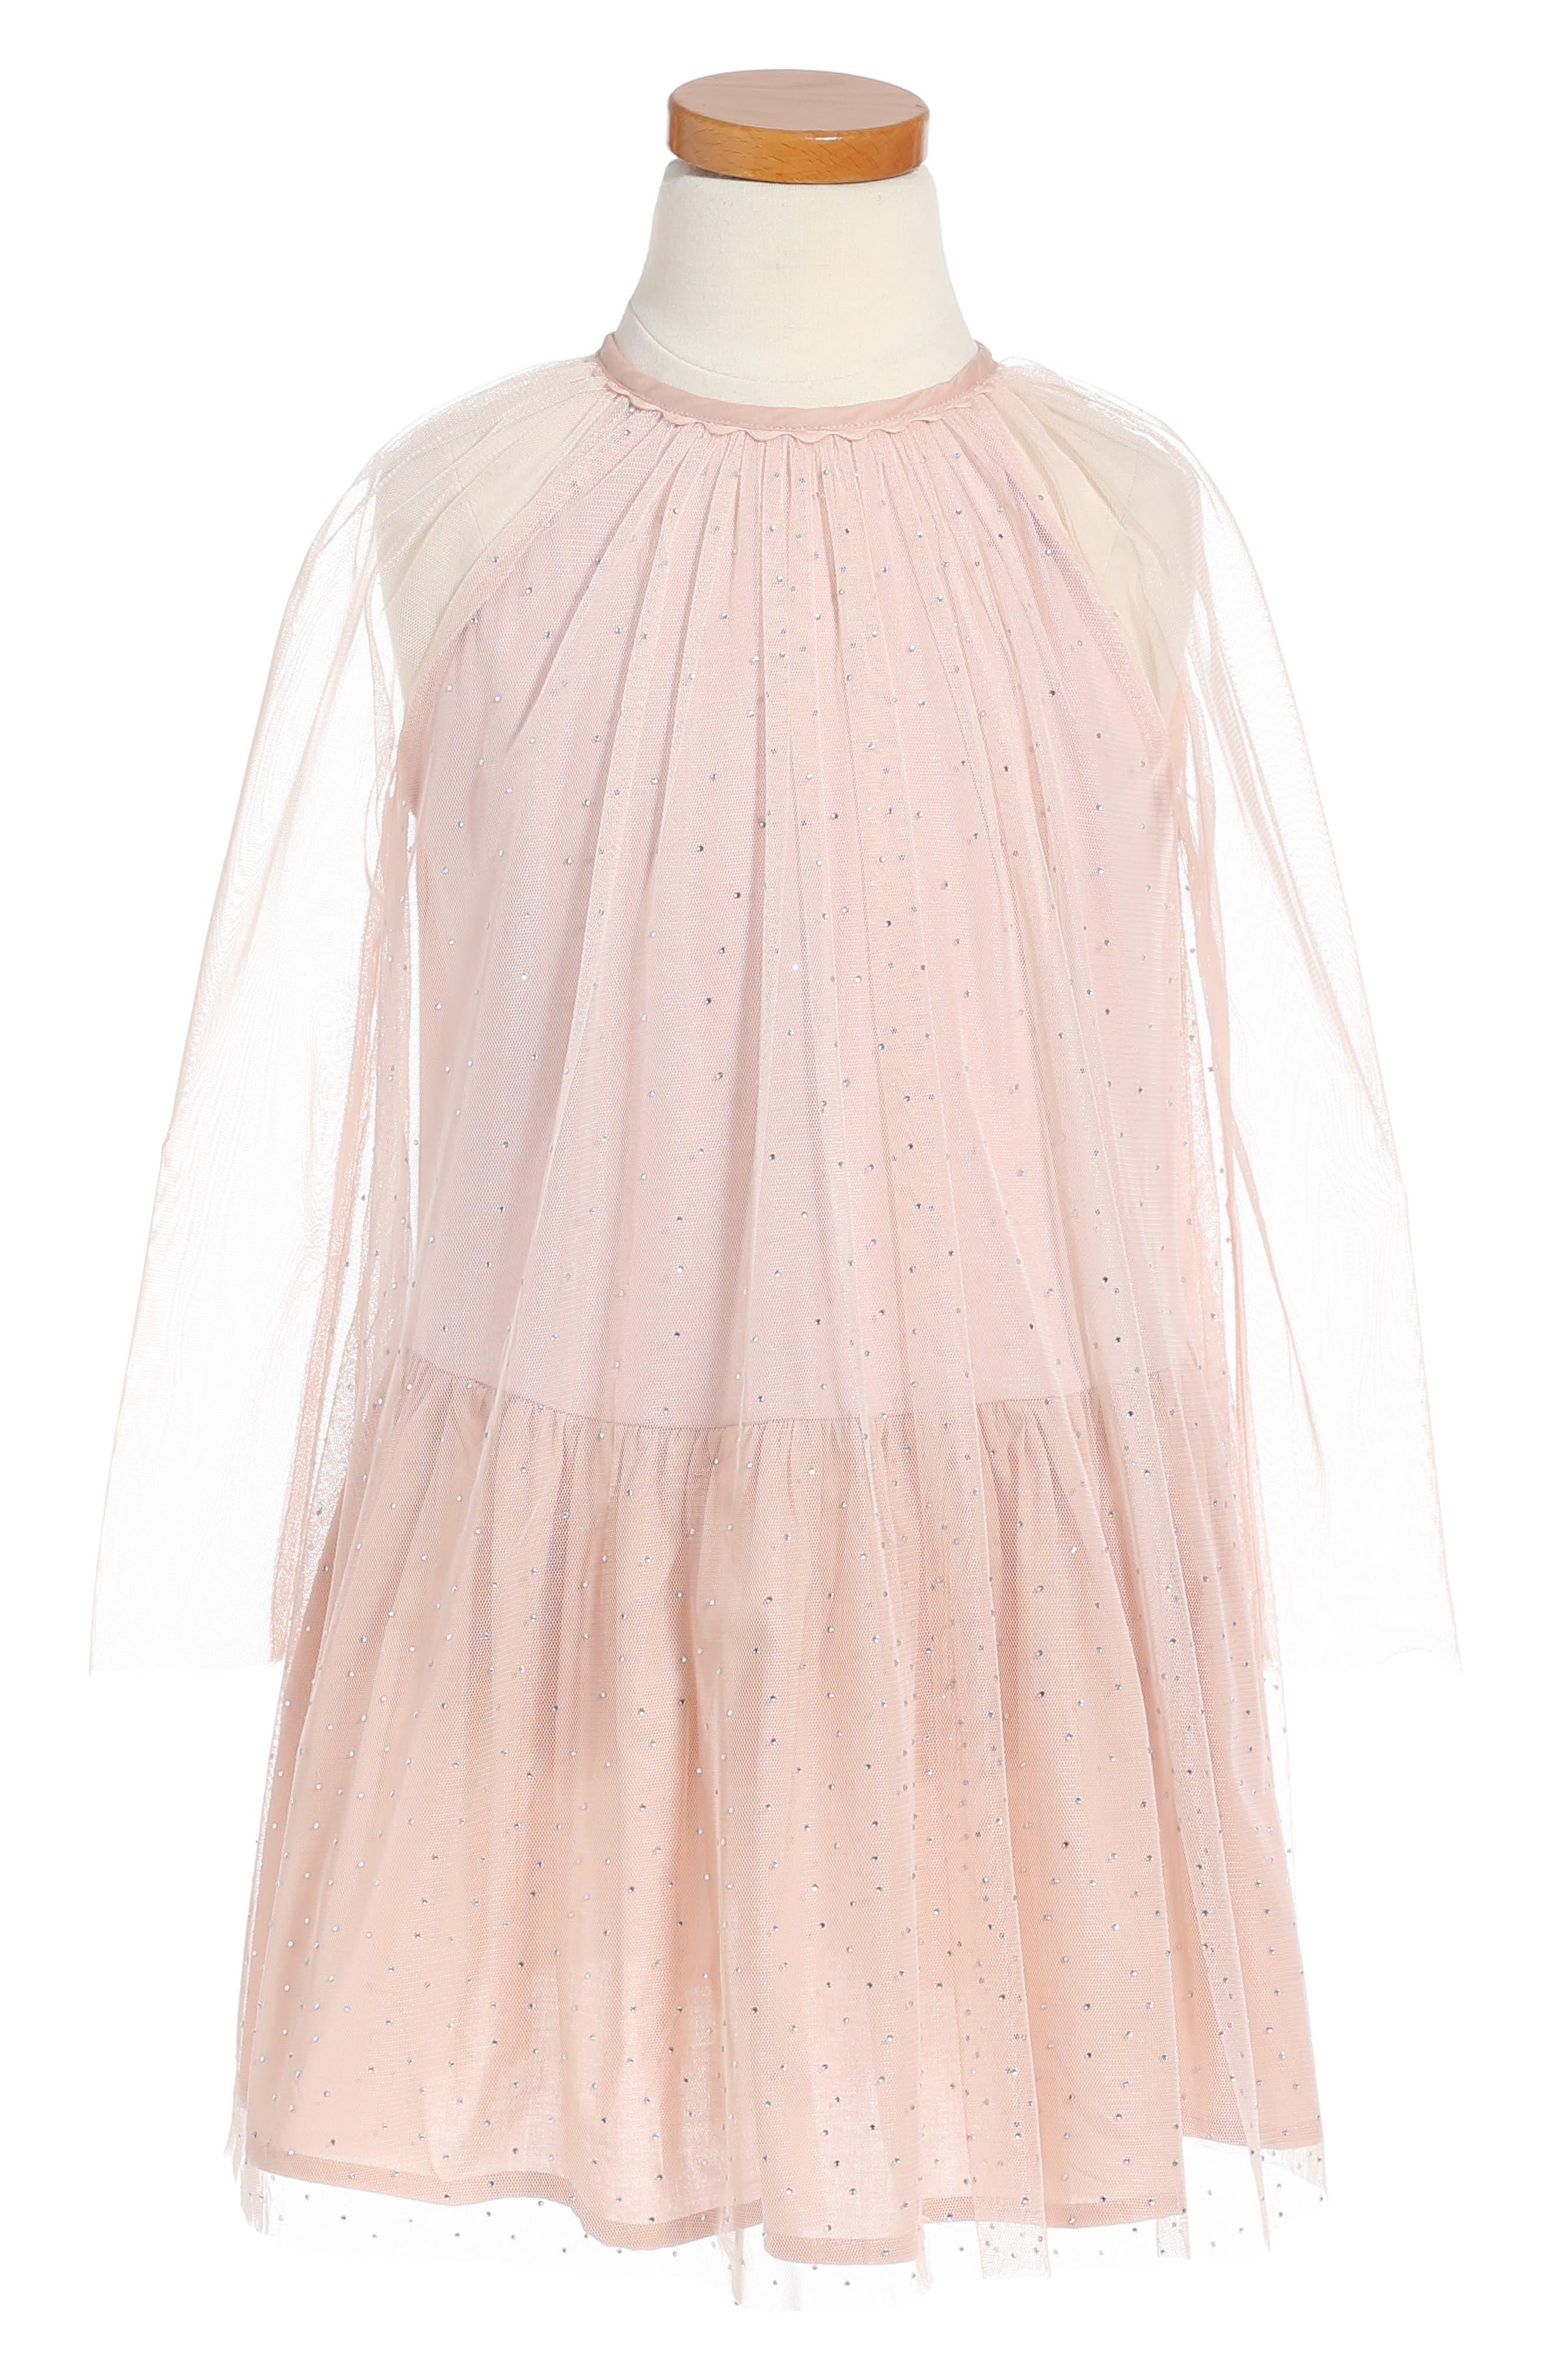 STELLA MCCARTNEY Kids Misty Sparkle Tulle Dress